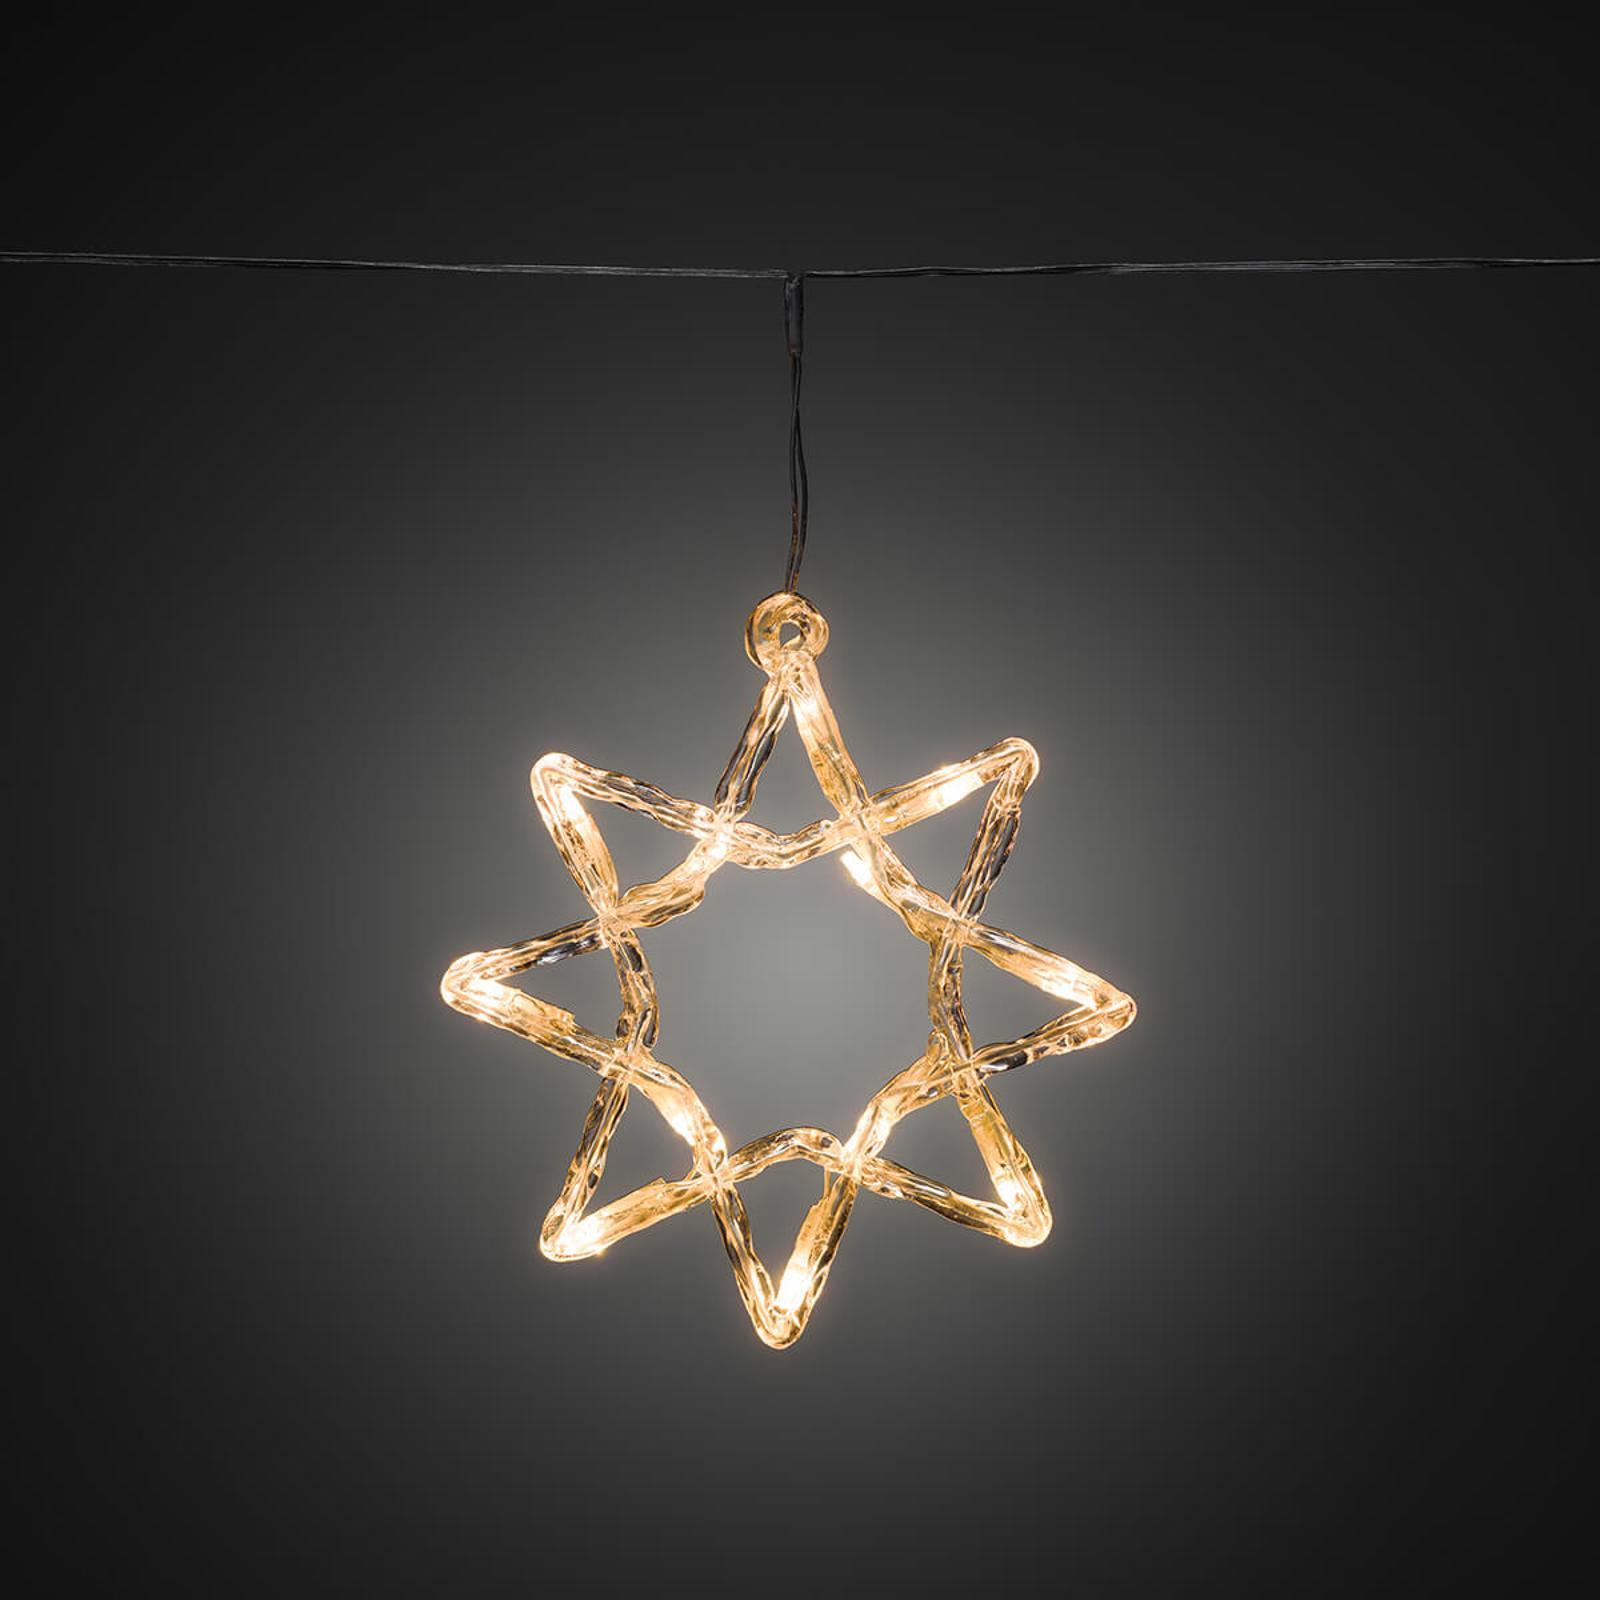 LED lichtketting 8-puntige Sterne